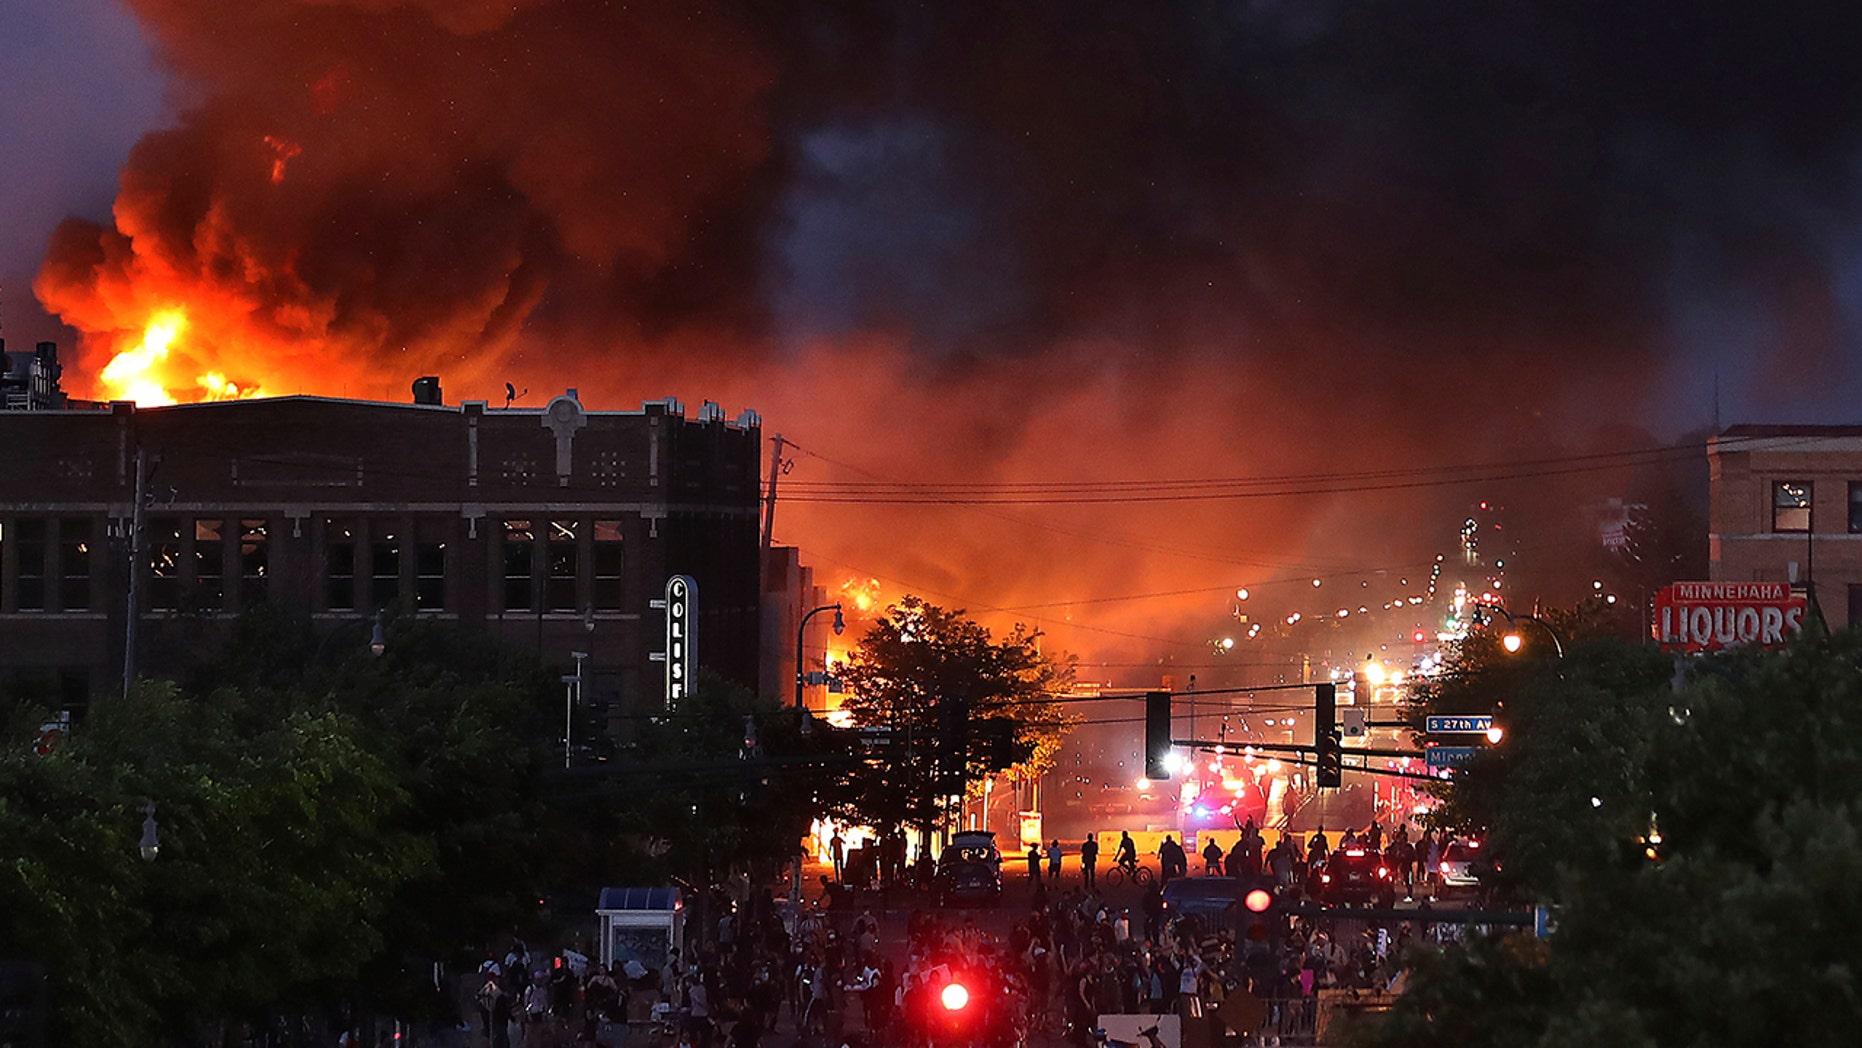 https://a57.foxnews.com/static.foxnews.com/foxnews.com/content/uploads/2020/05/1862/1048/Minneapolis-businesses-destroyed16.jpg